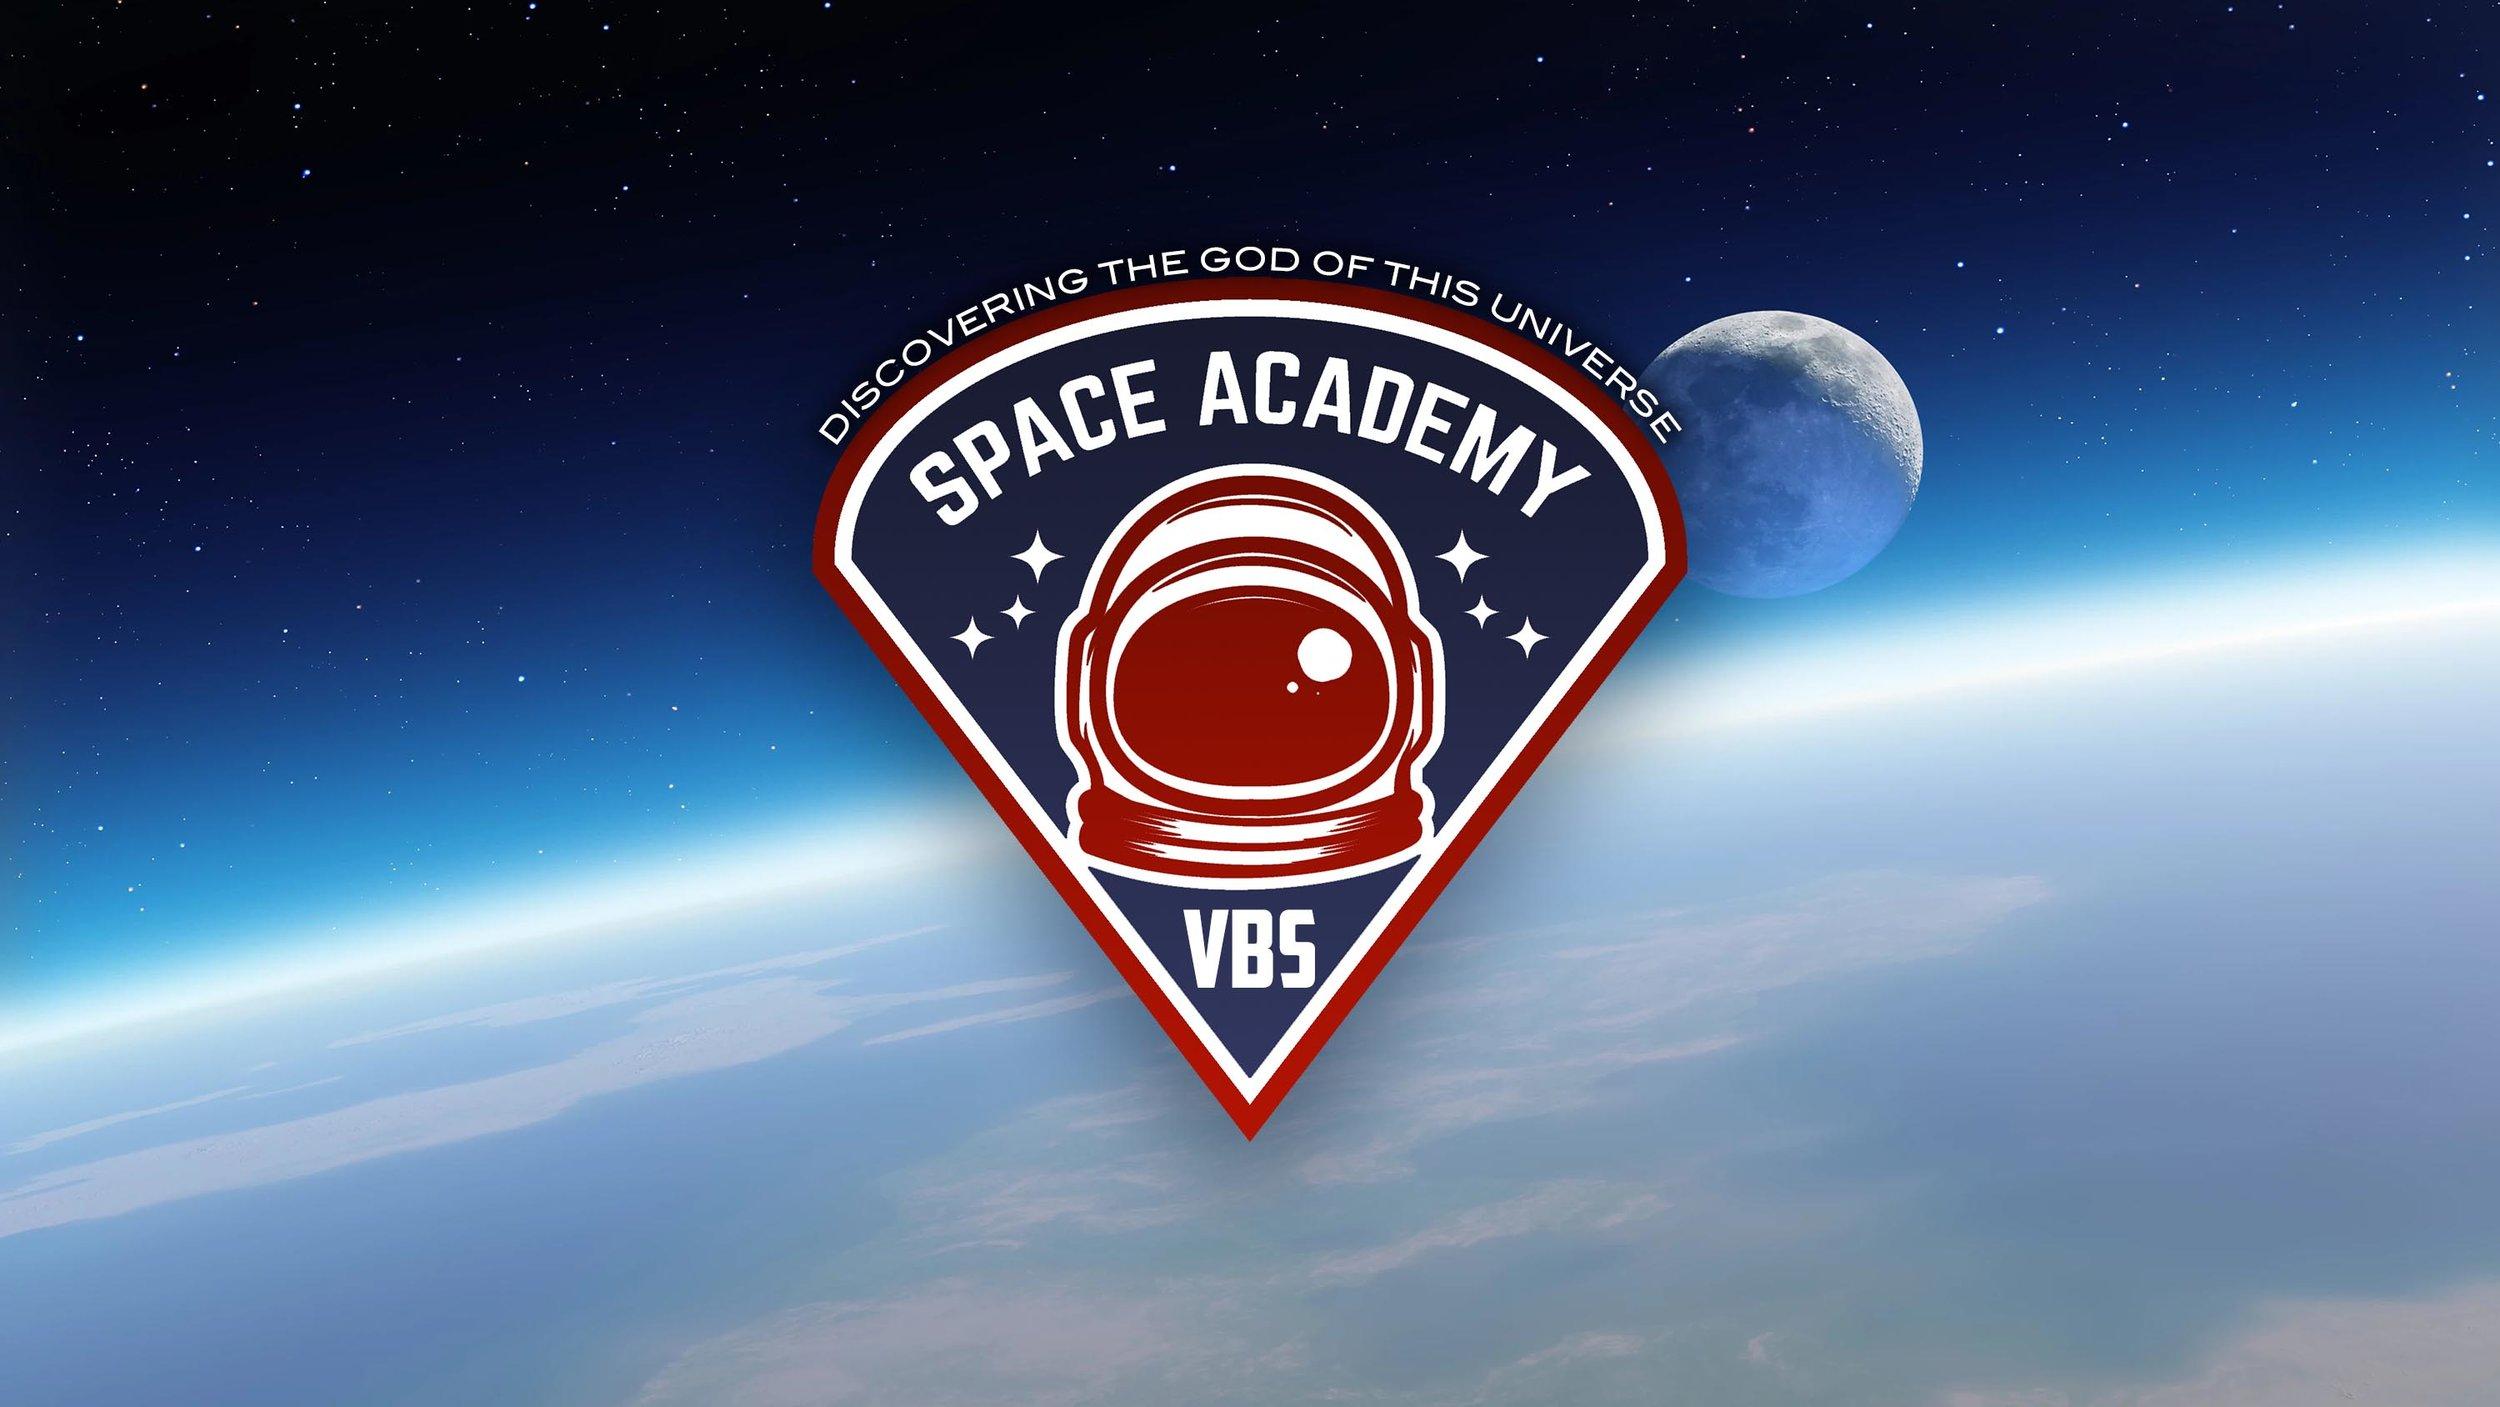 Space Academy VBS.jpg